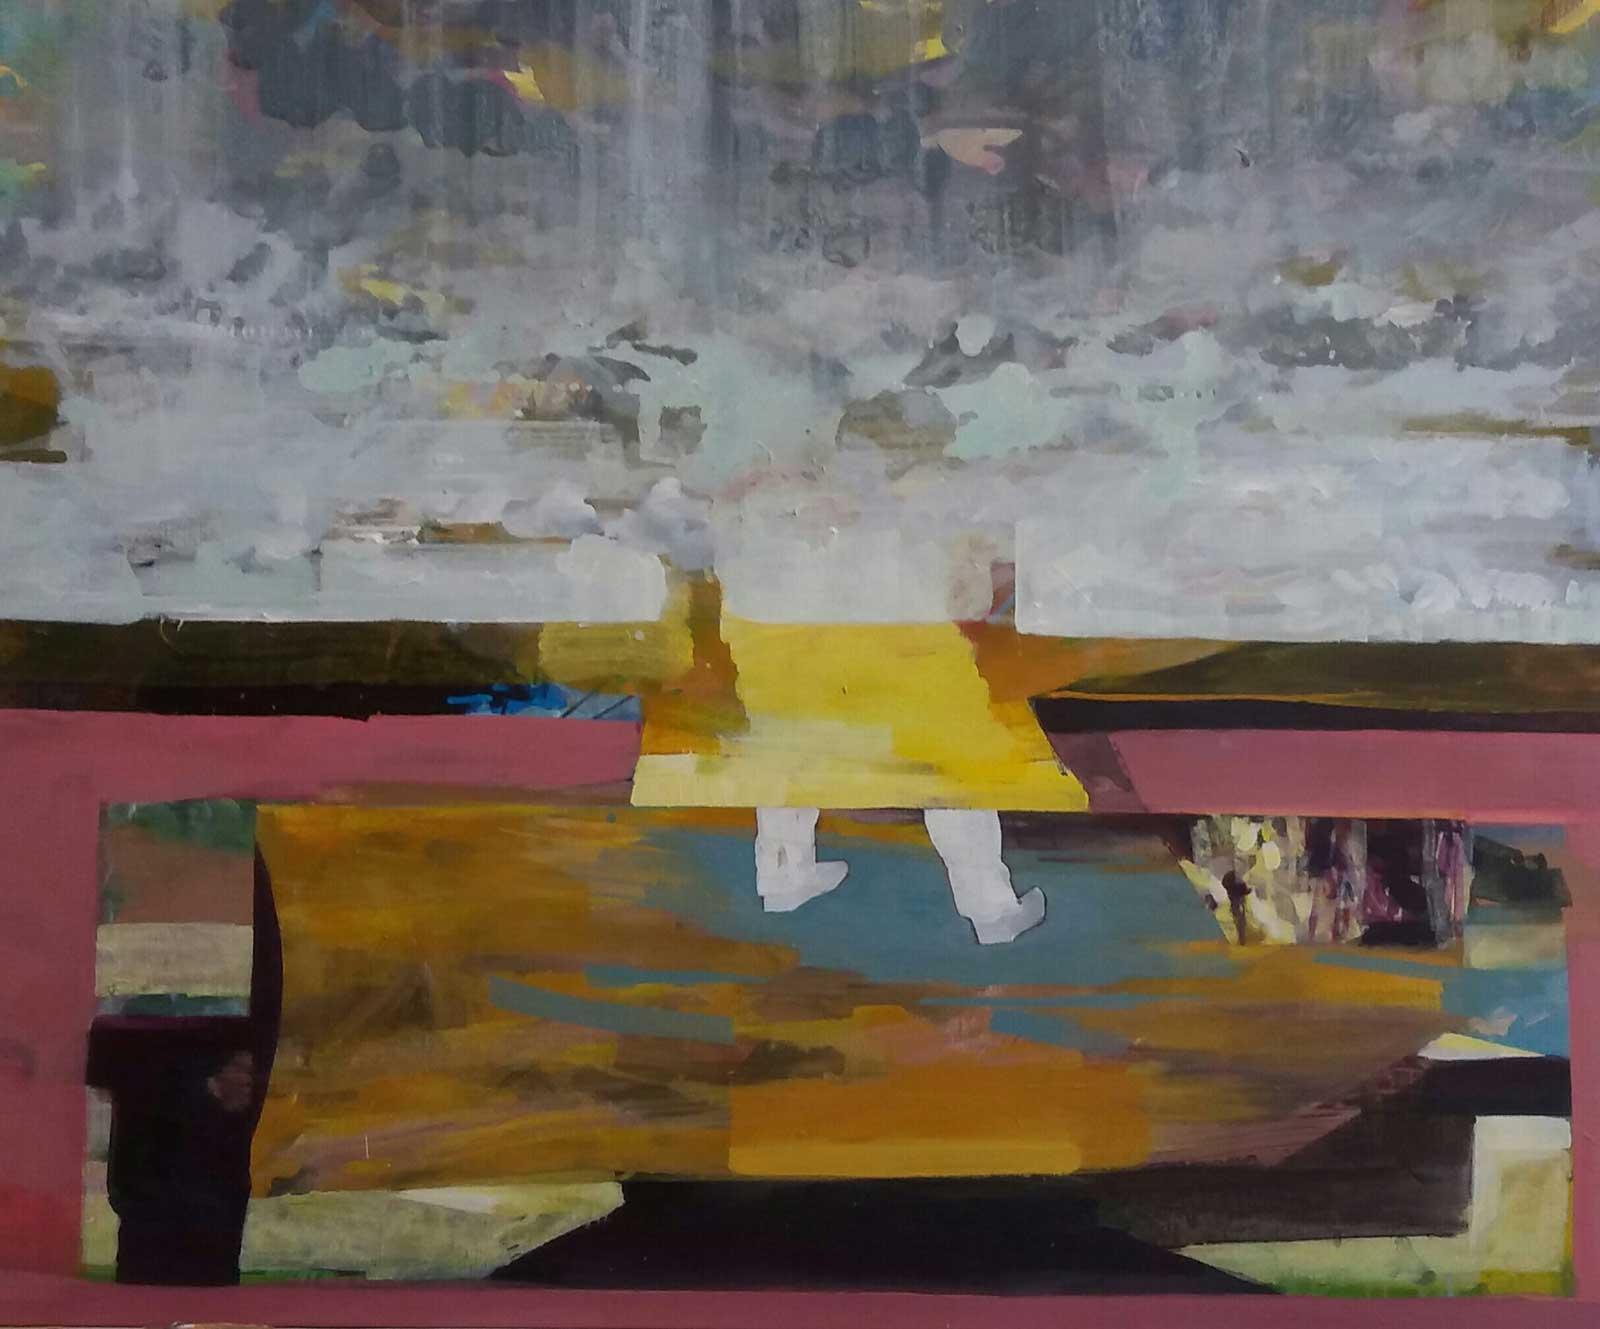 Yvonne Schroeten - 'Not here, not now'